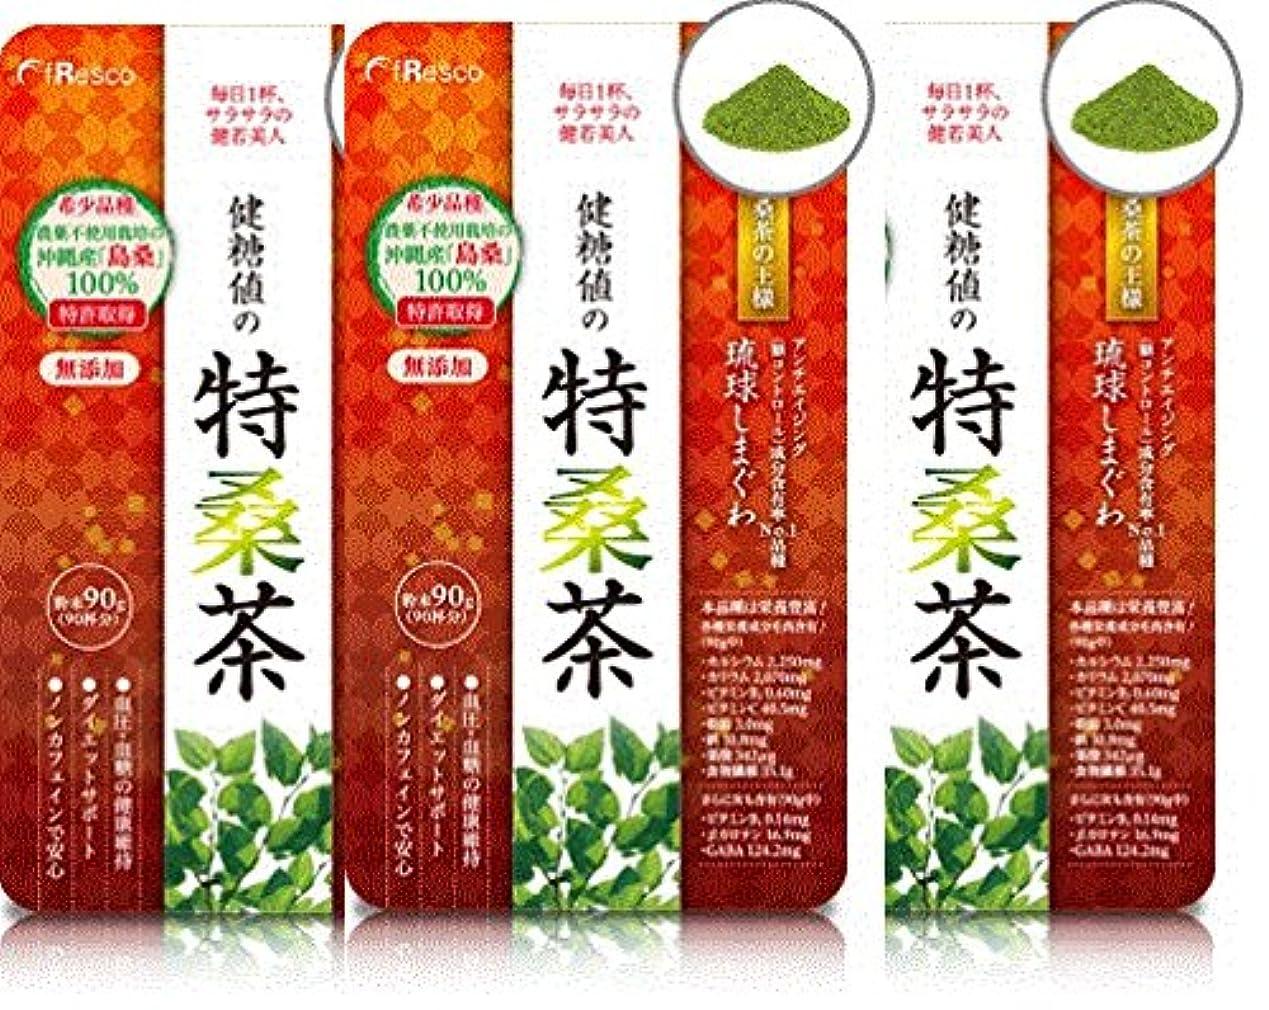 思い出すビデオ晴れ桑茶の王様 琉球しまぐわ 健糖値の特桑茶 270g(90g × 3袋) 【5%OFF】【送料無料】